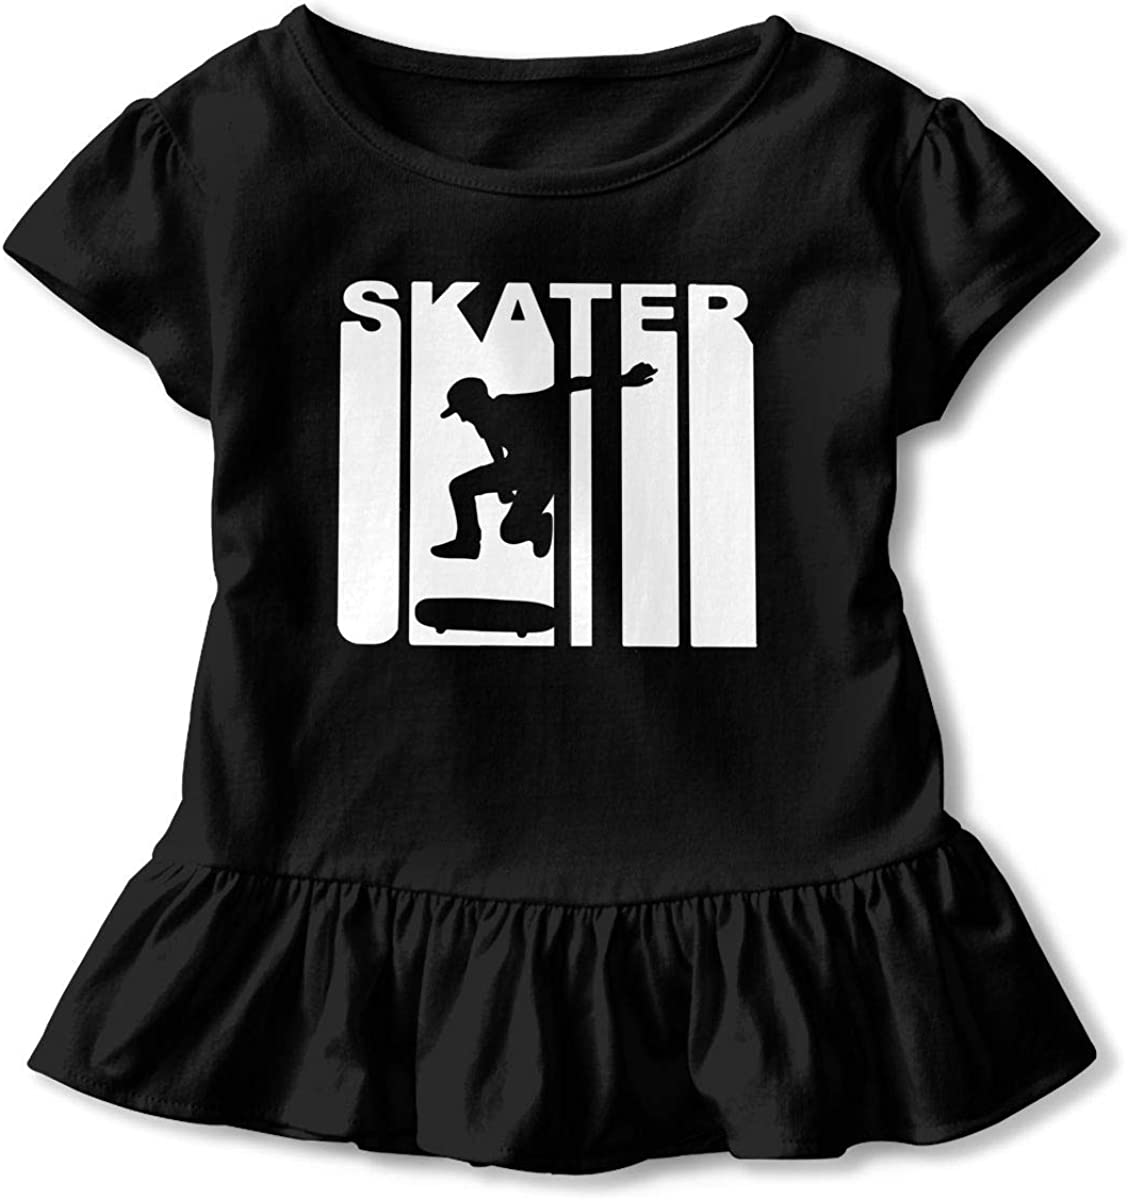 Retro Skater Skateboarding Toddler Girls T Shirt Kids Cotton Short Sleeve Ruffle Tee